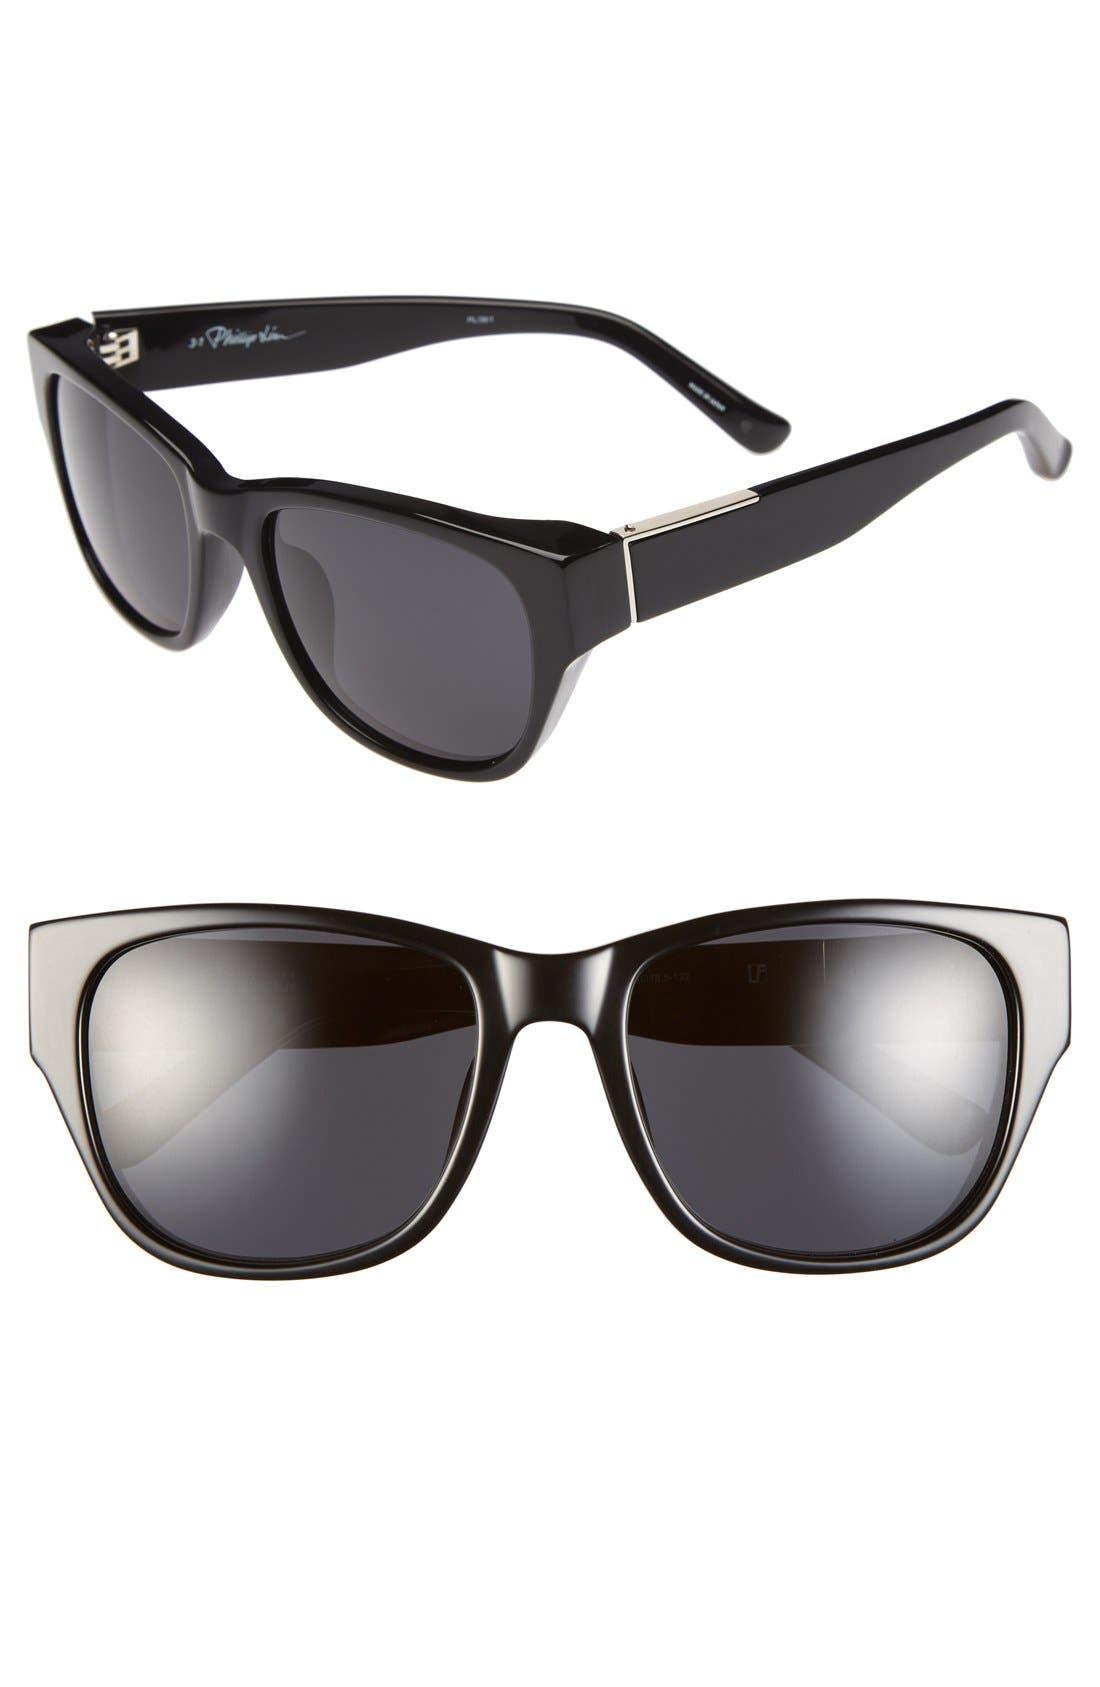 Main Image - 3.1 Phillip Lim 54mm Sunglasses